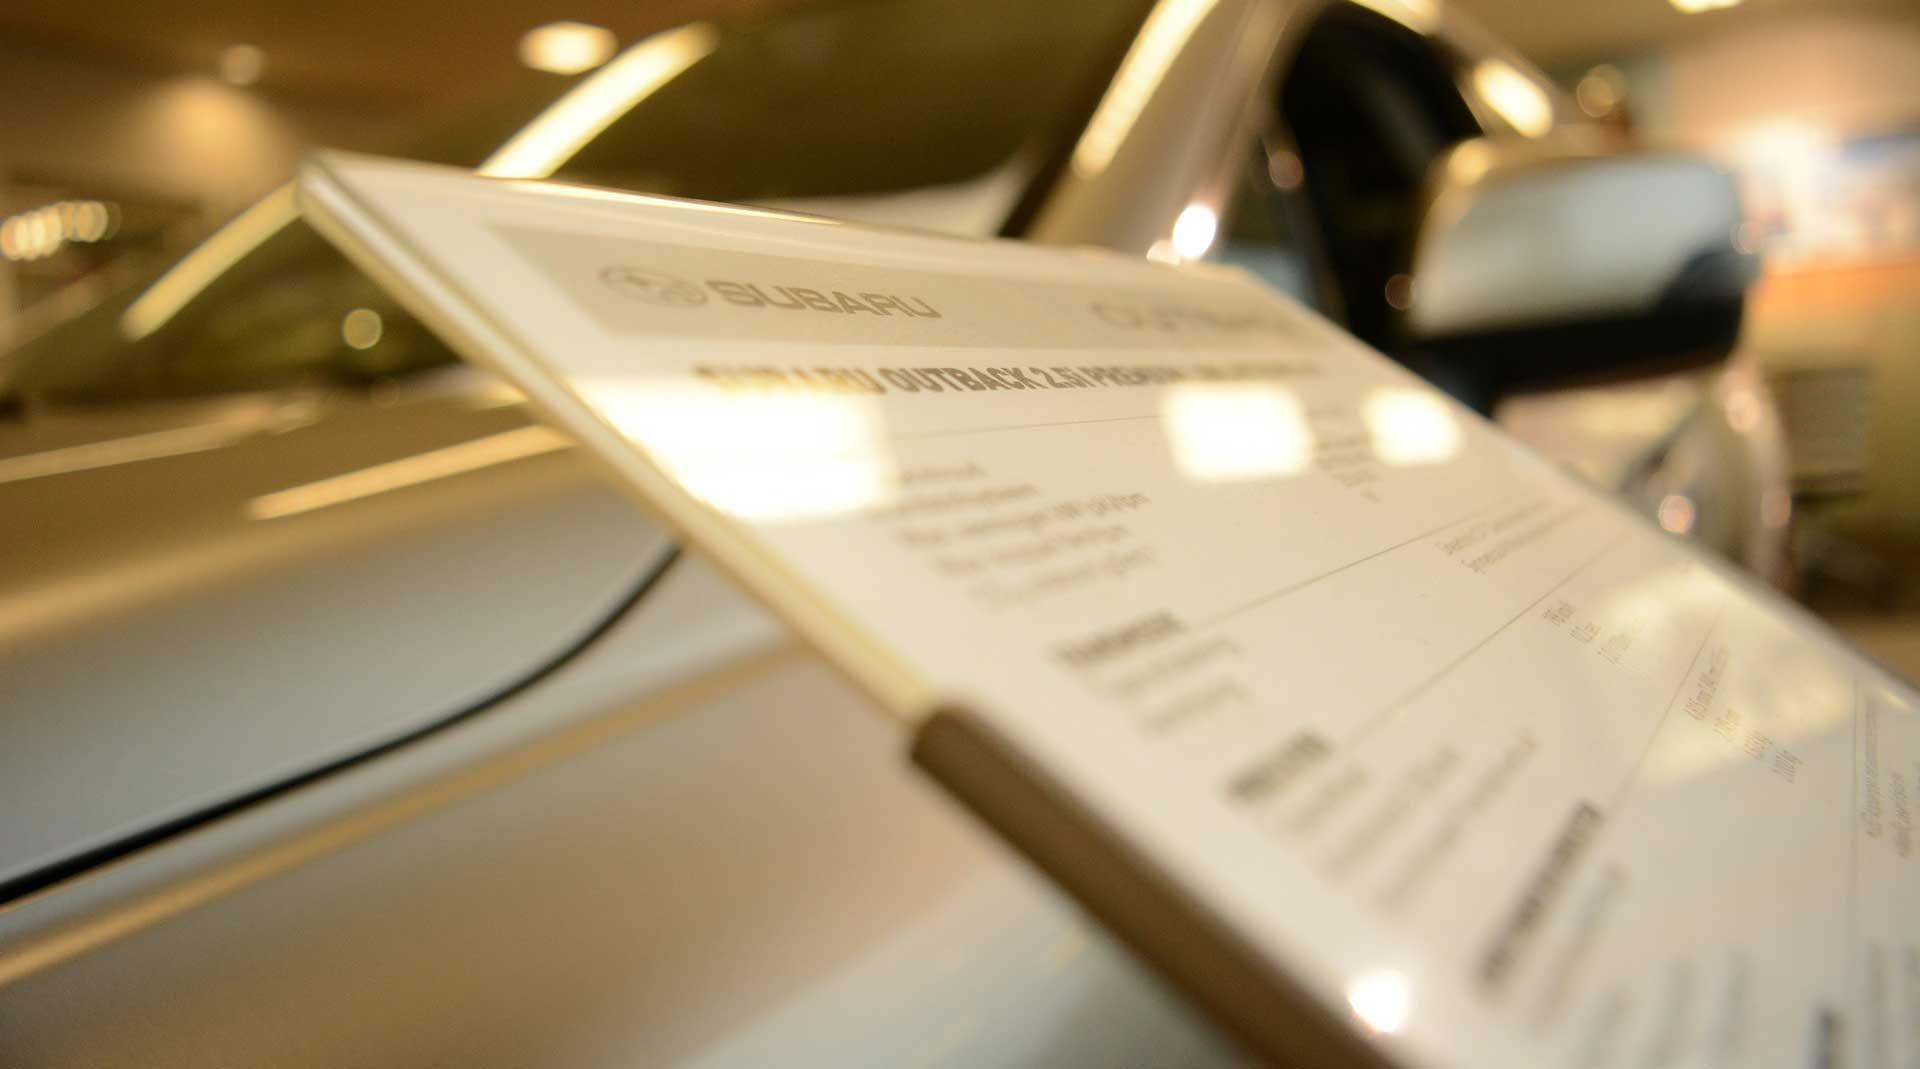 Automotive Tax Services